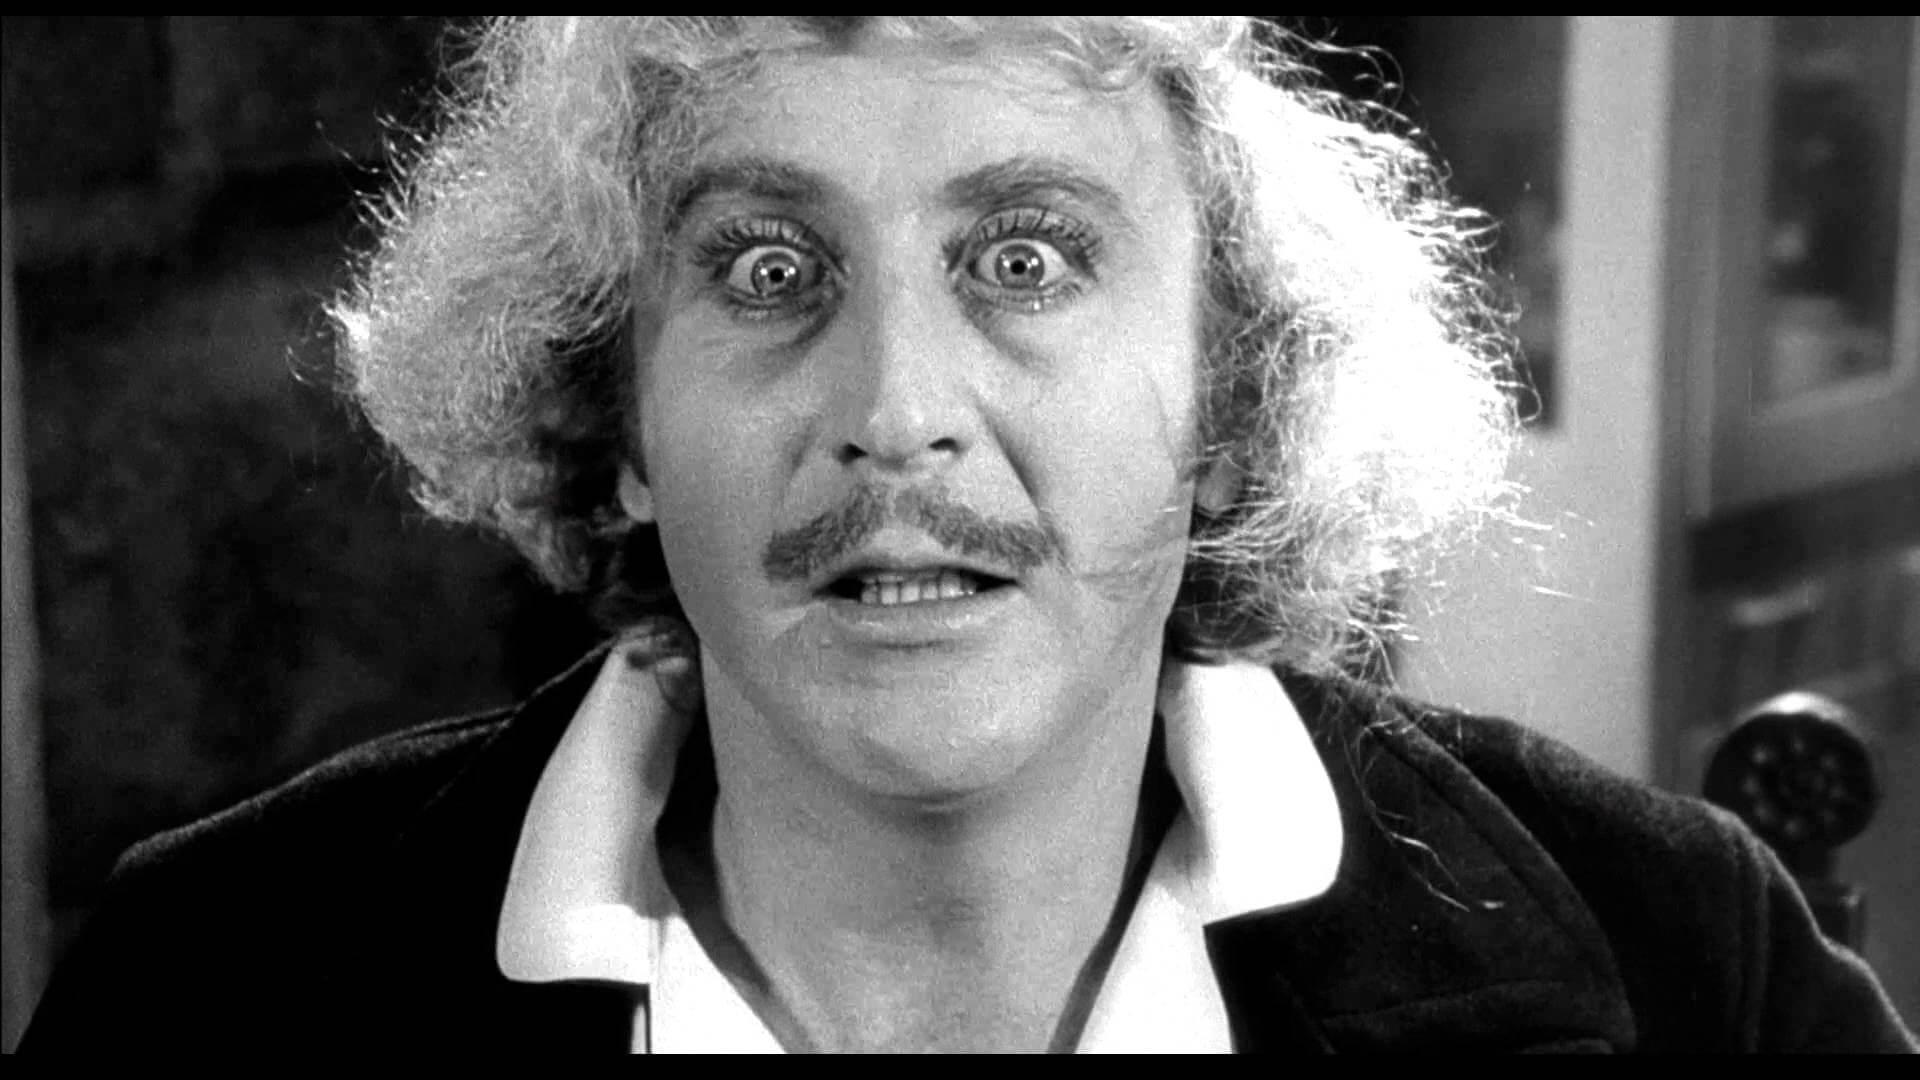 foto in bianco e nero di gene wider, protagonista del fil Frankenstein Junior